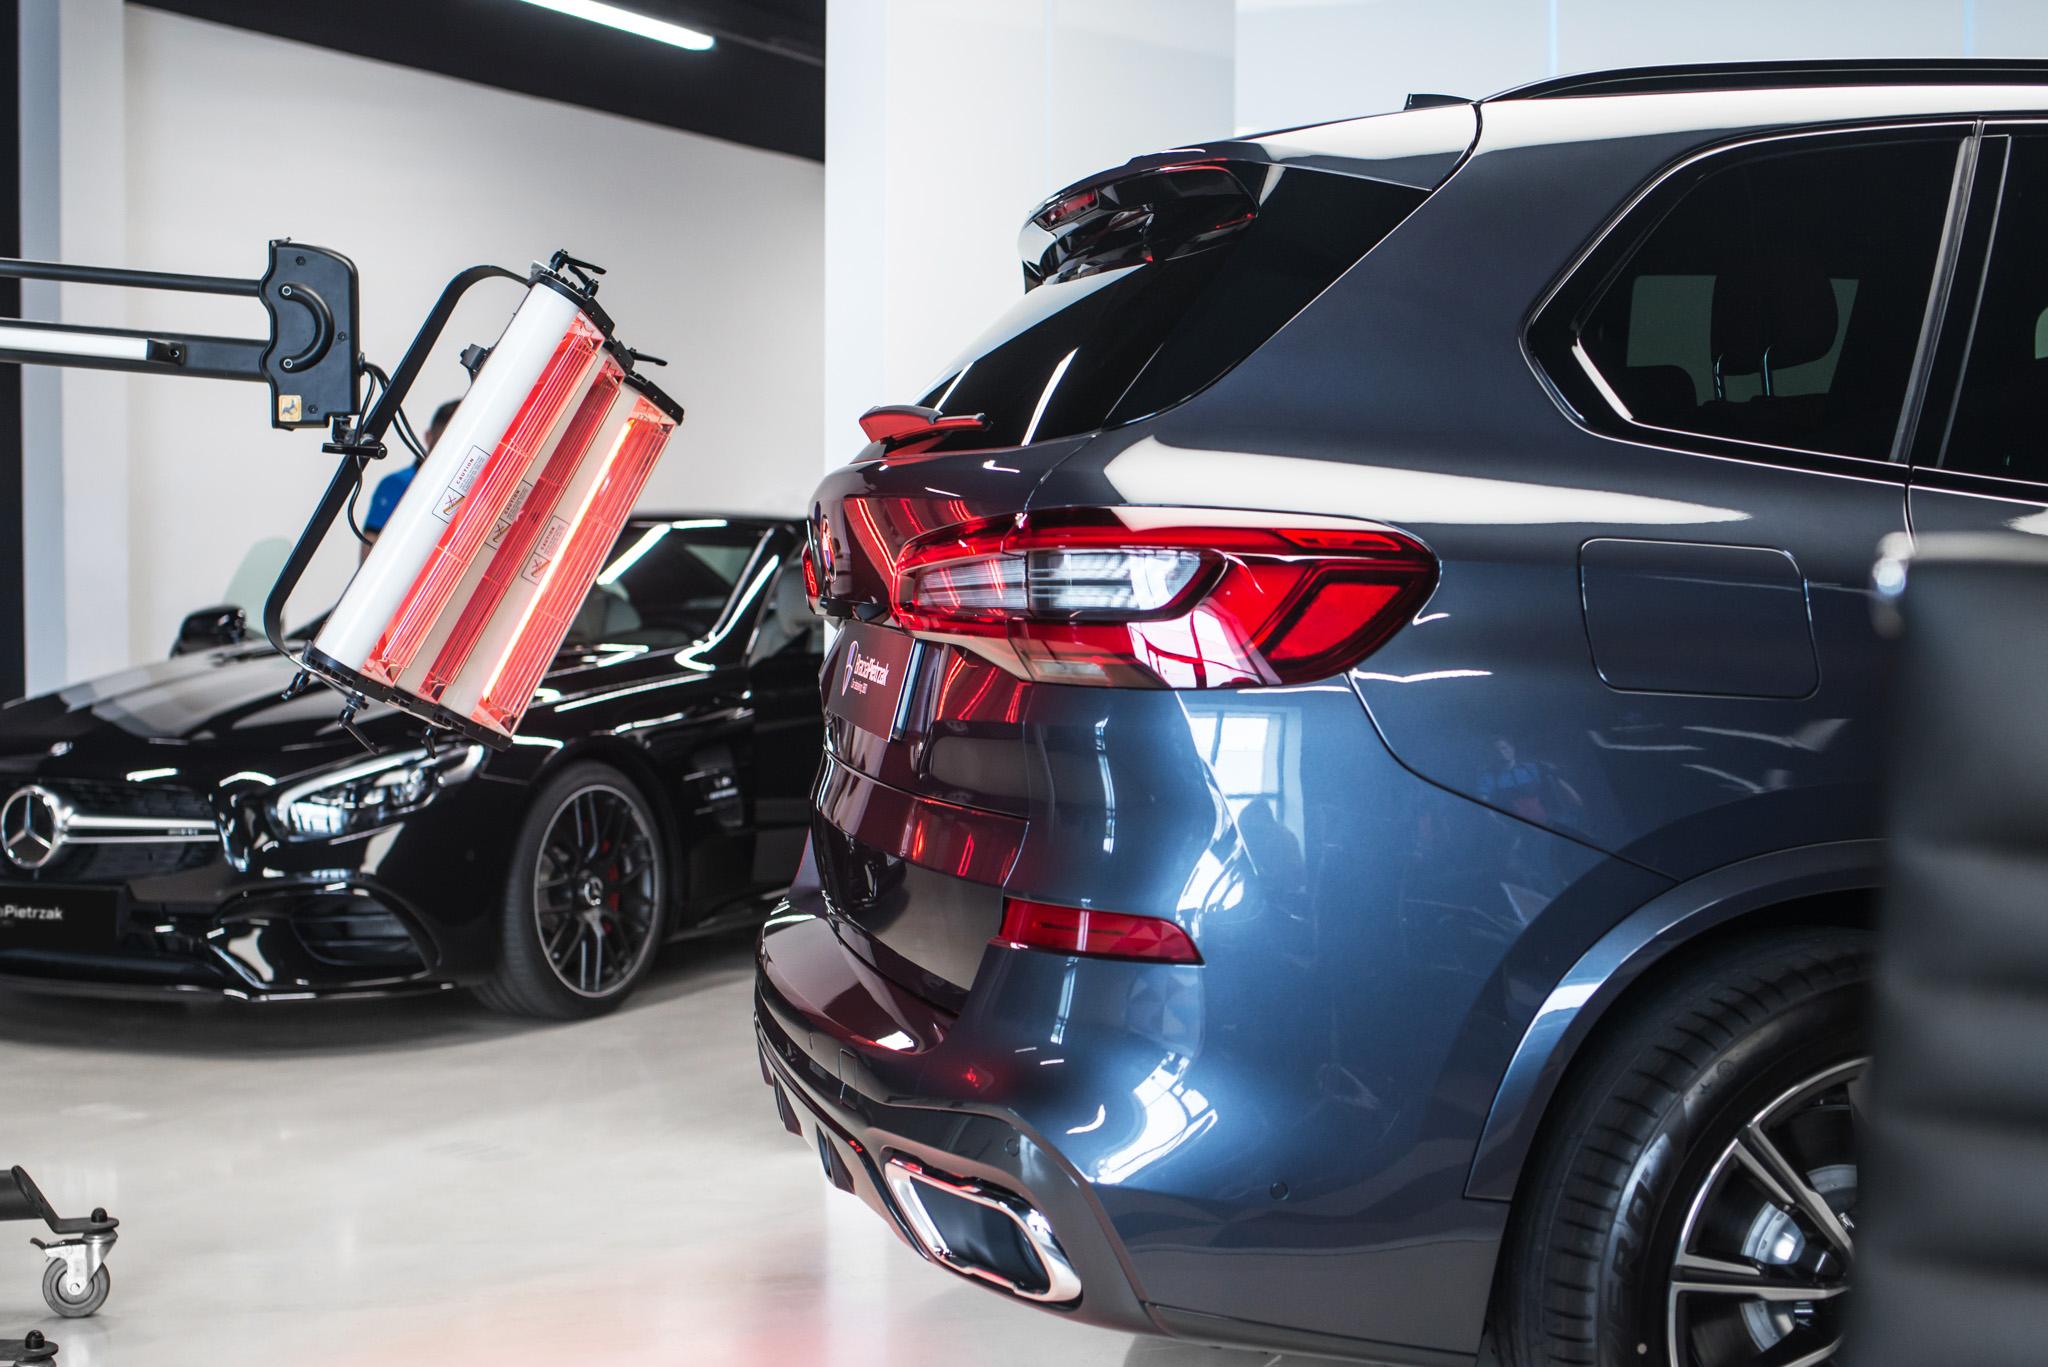 08_BMW_X5_2018_05_21_BMW_X5